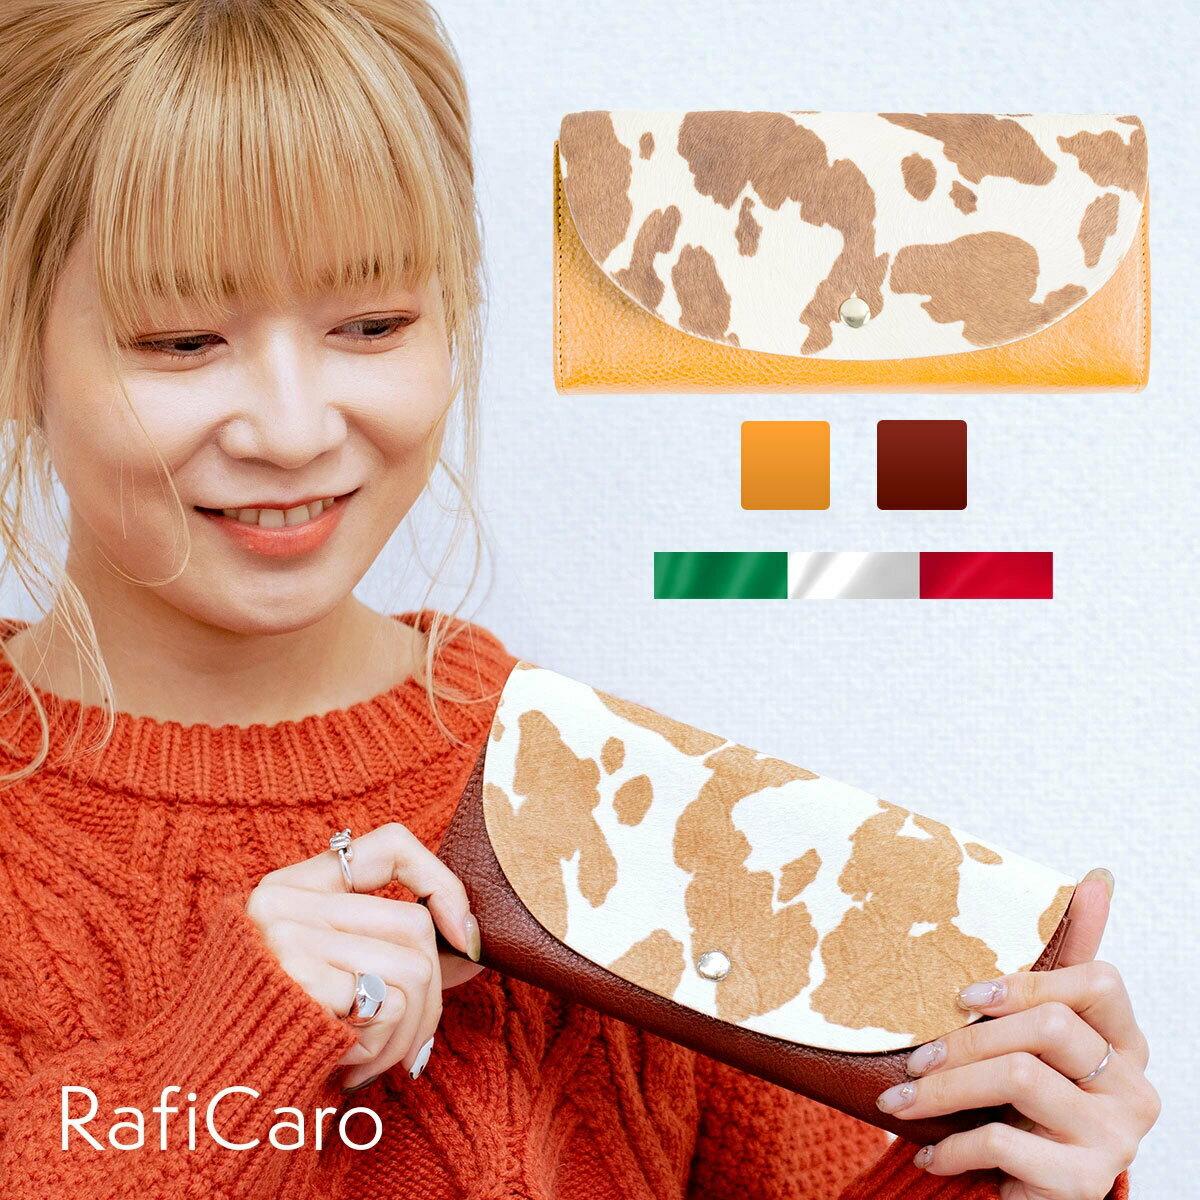 【クーポンSALE】長財布 大容量 牛革 本革 ハラコ&イタリアンレザー カード入れ 二つ折りフラップ ボタン留め 財布 大容量だけど薄い レディース MIRACOLO ブランド シンプル かわいい おしゃれ ロングウォレット 送料無料